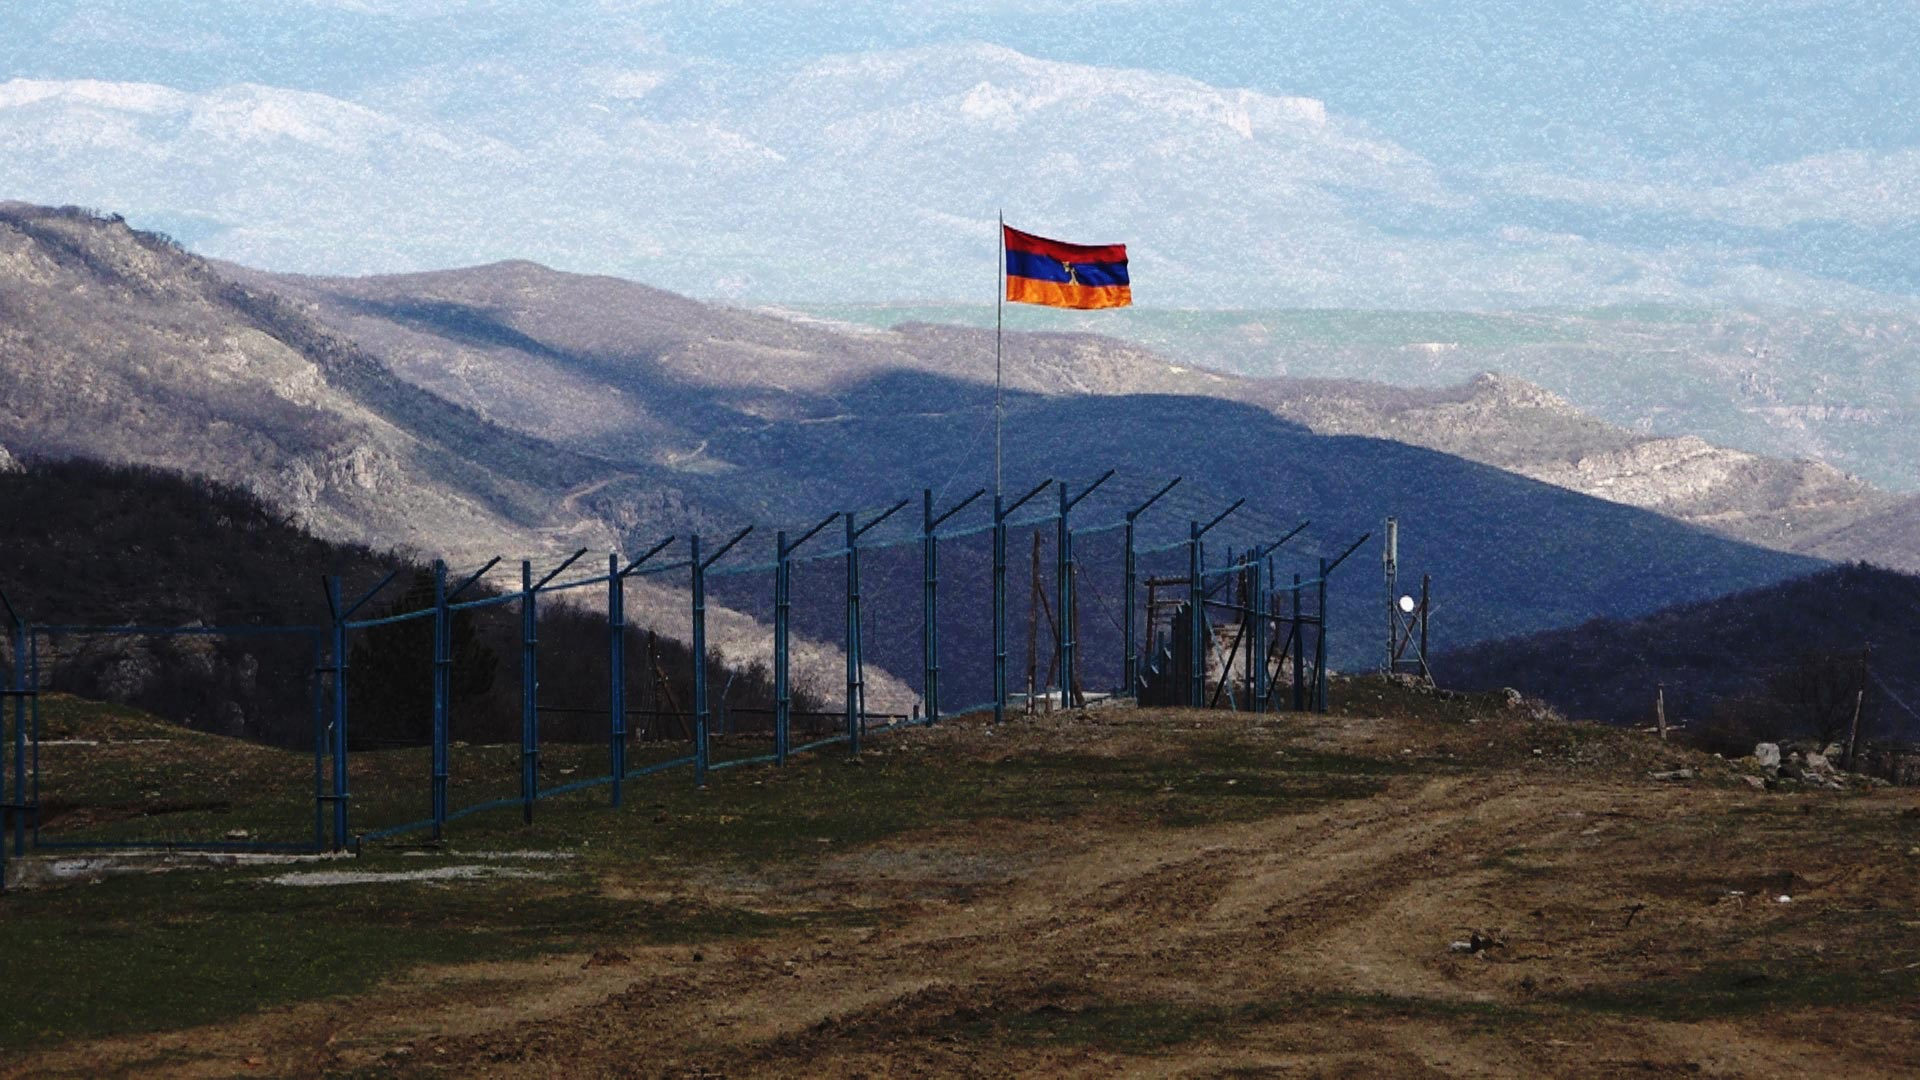 nagornyi karabax reportage 13 - <b>Новая старая граница:</b> почему армянские села оказались на территории Азербайджана - Заборона